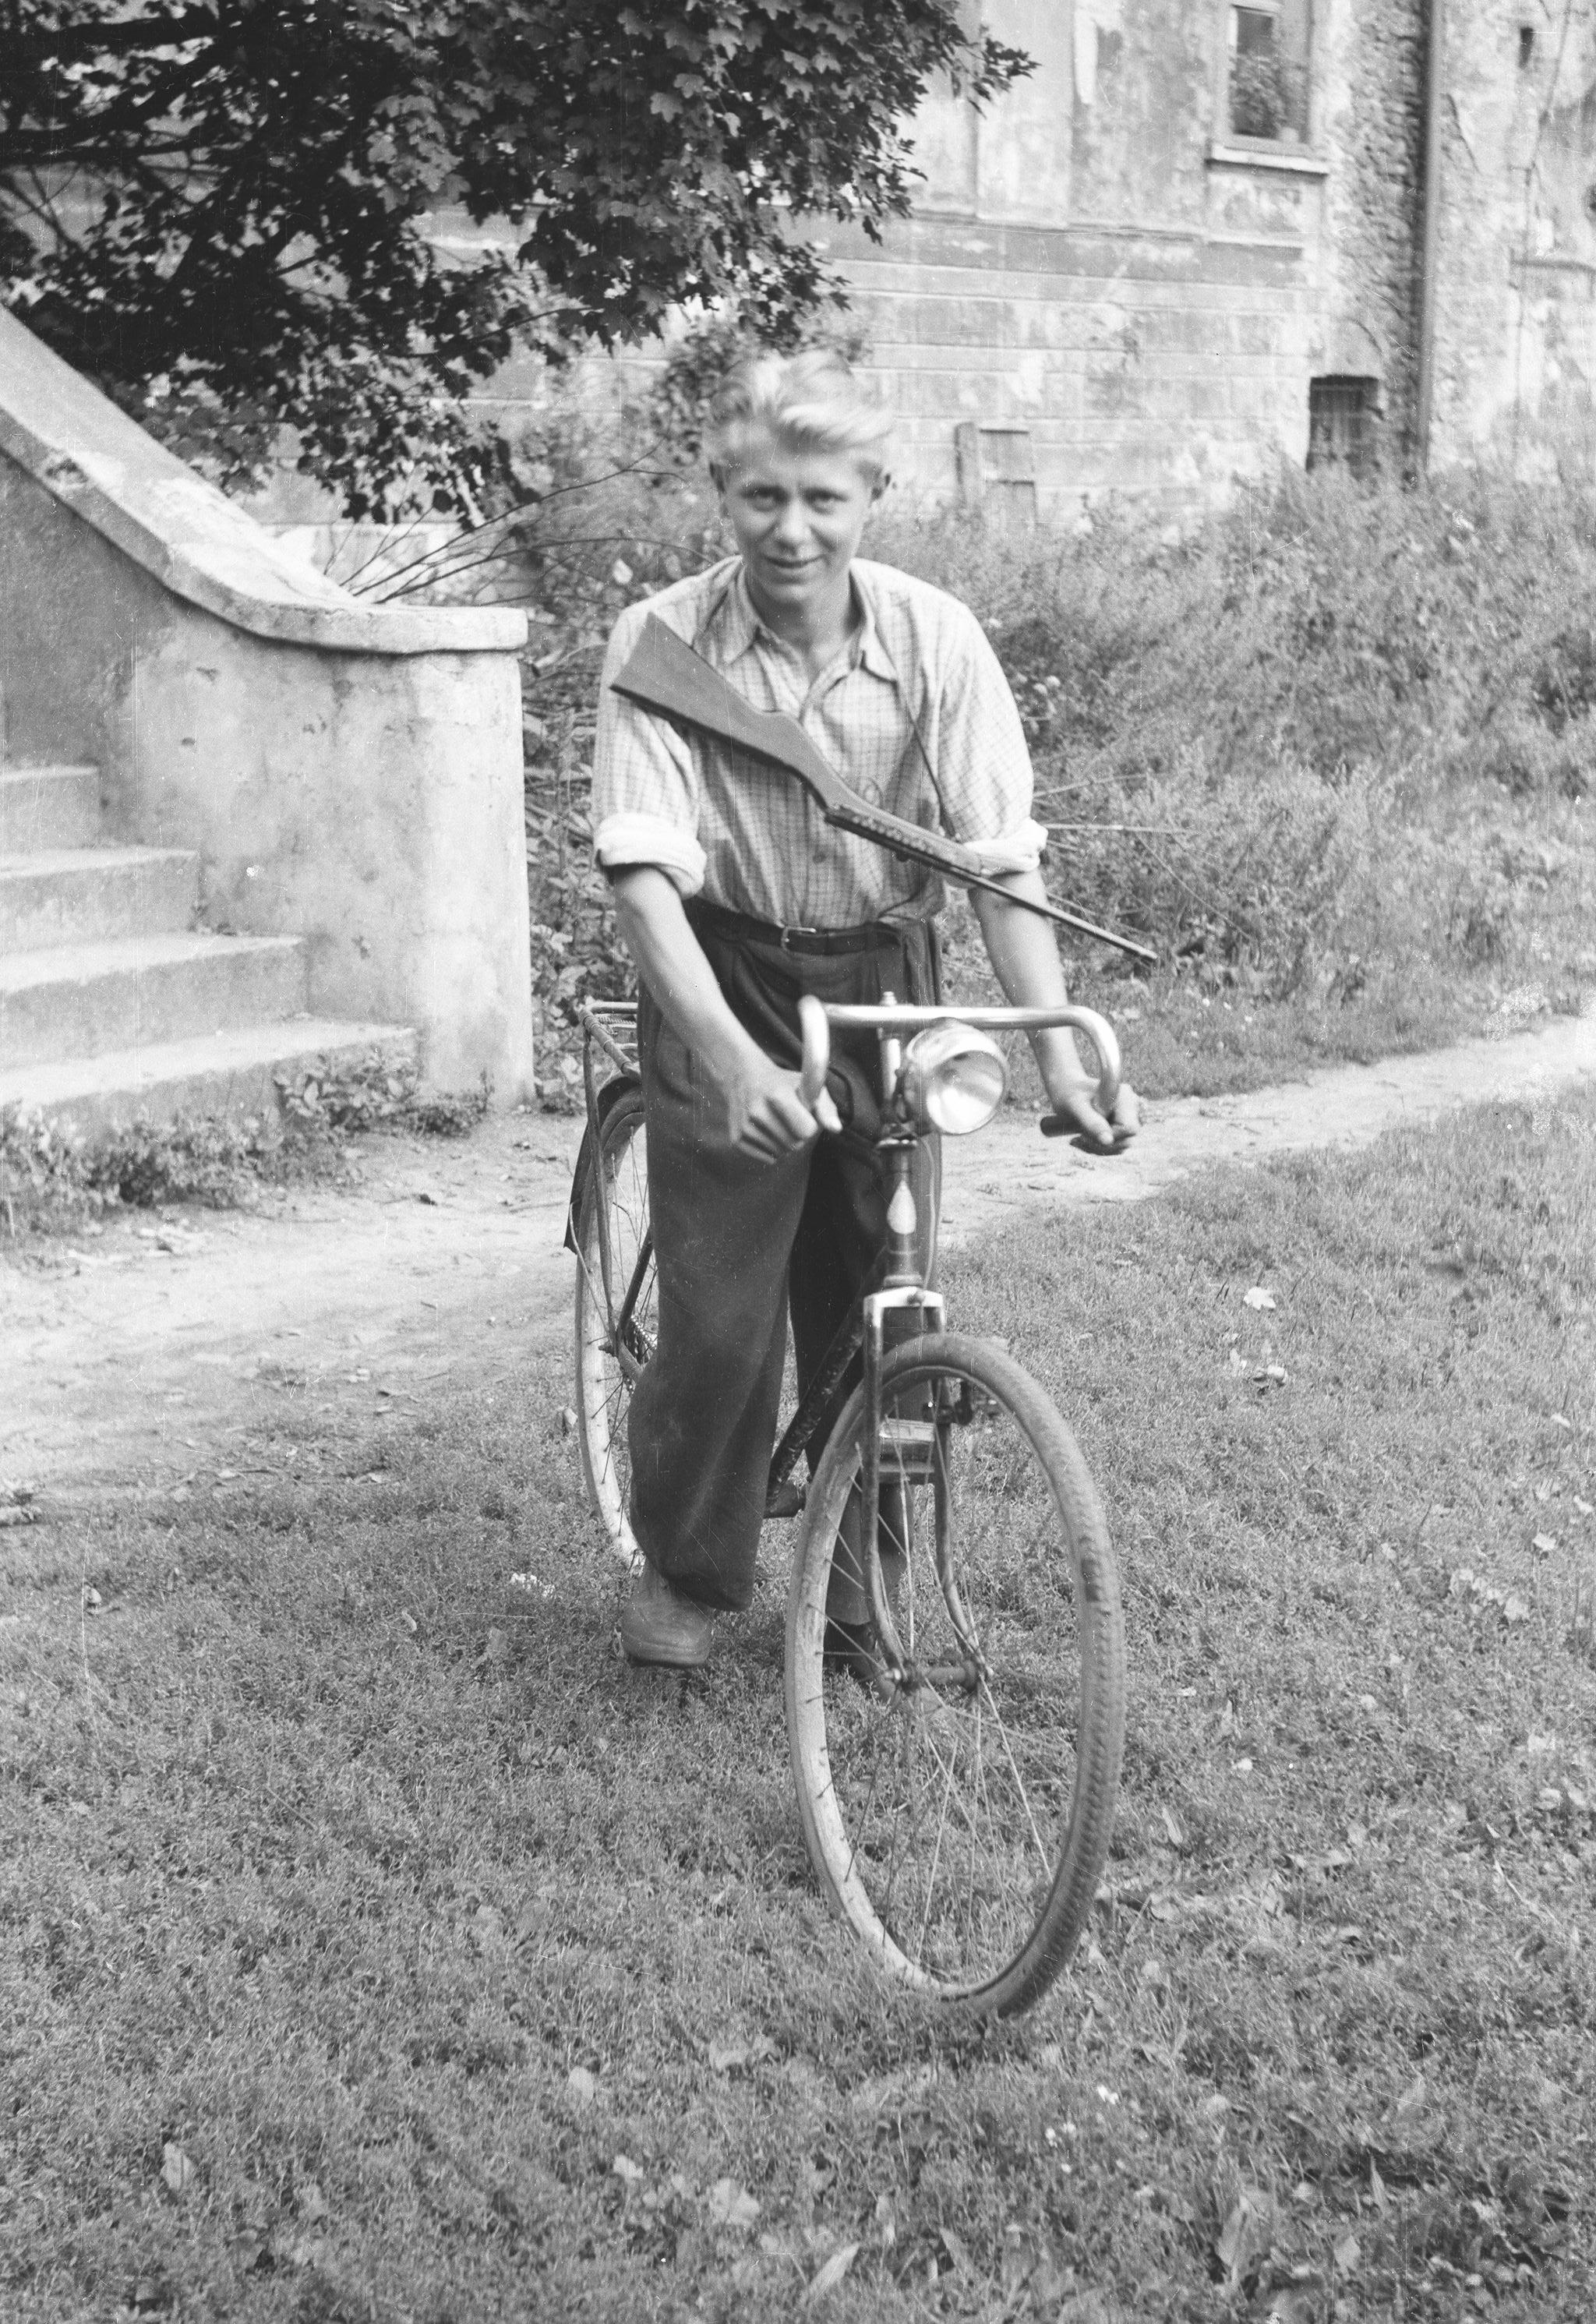 Zygmunt na rowerze, Brzózka, Dolny Śląsk, lata 50. XX w.